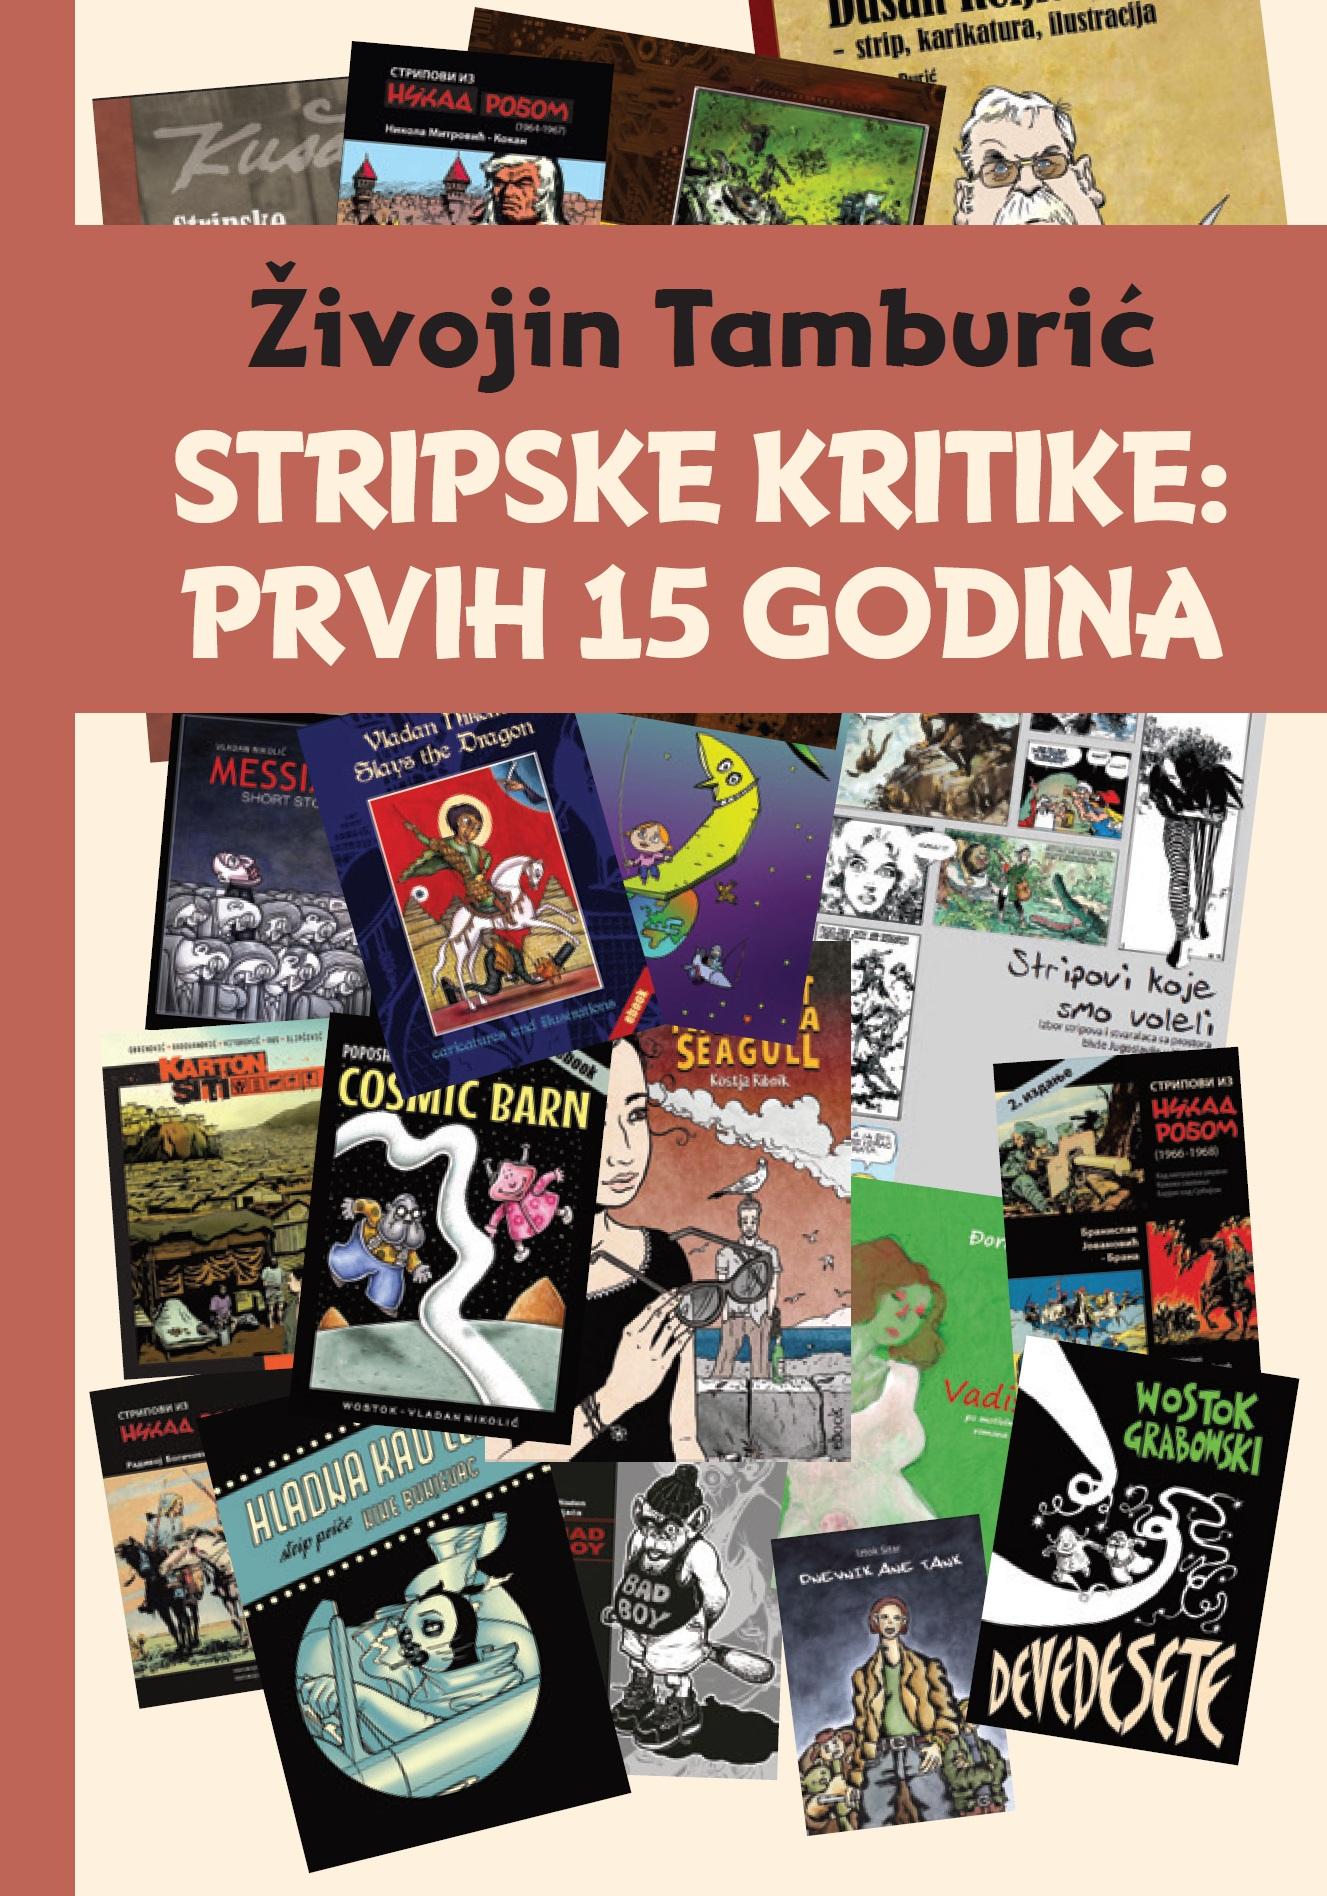 Živojin Tamburić - Stripske kritike: prvih 20 godina